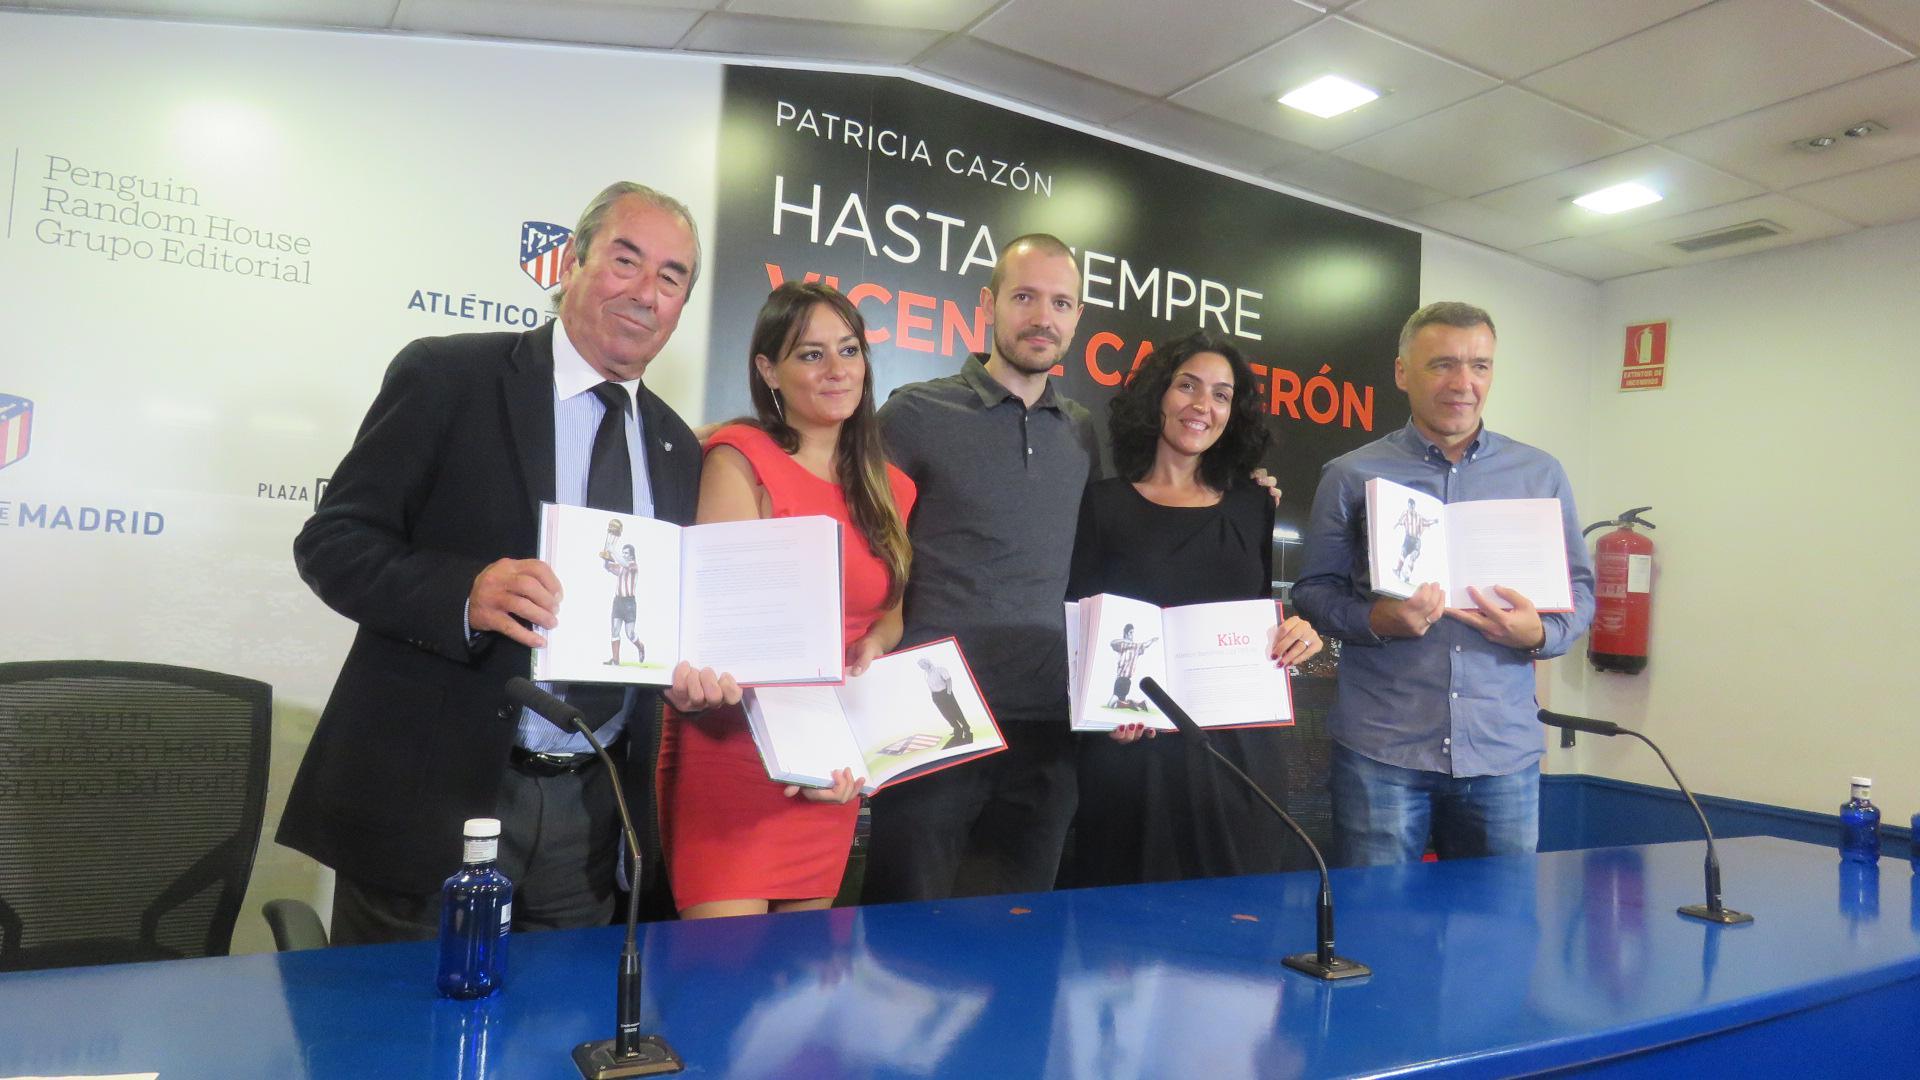 """Presentación del libro """"Hasta siempre Vicente Calderón"""", de Patricia Cazón"""